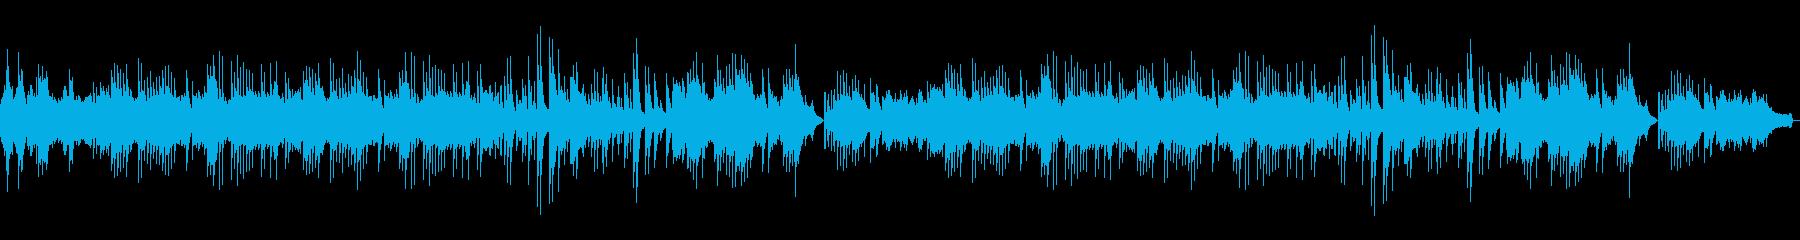 トロイメライを軽快なソロピアノでカバー2の再生済みの波形